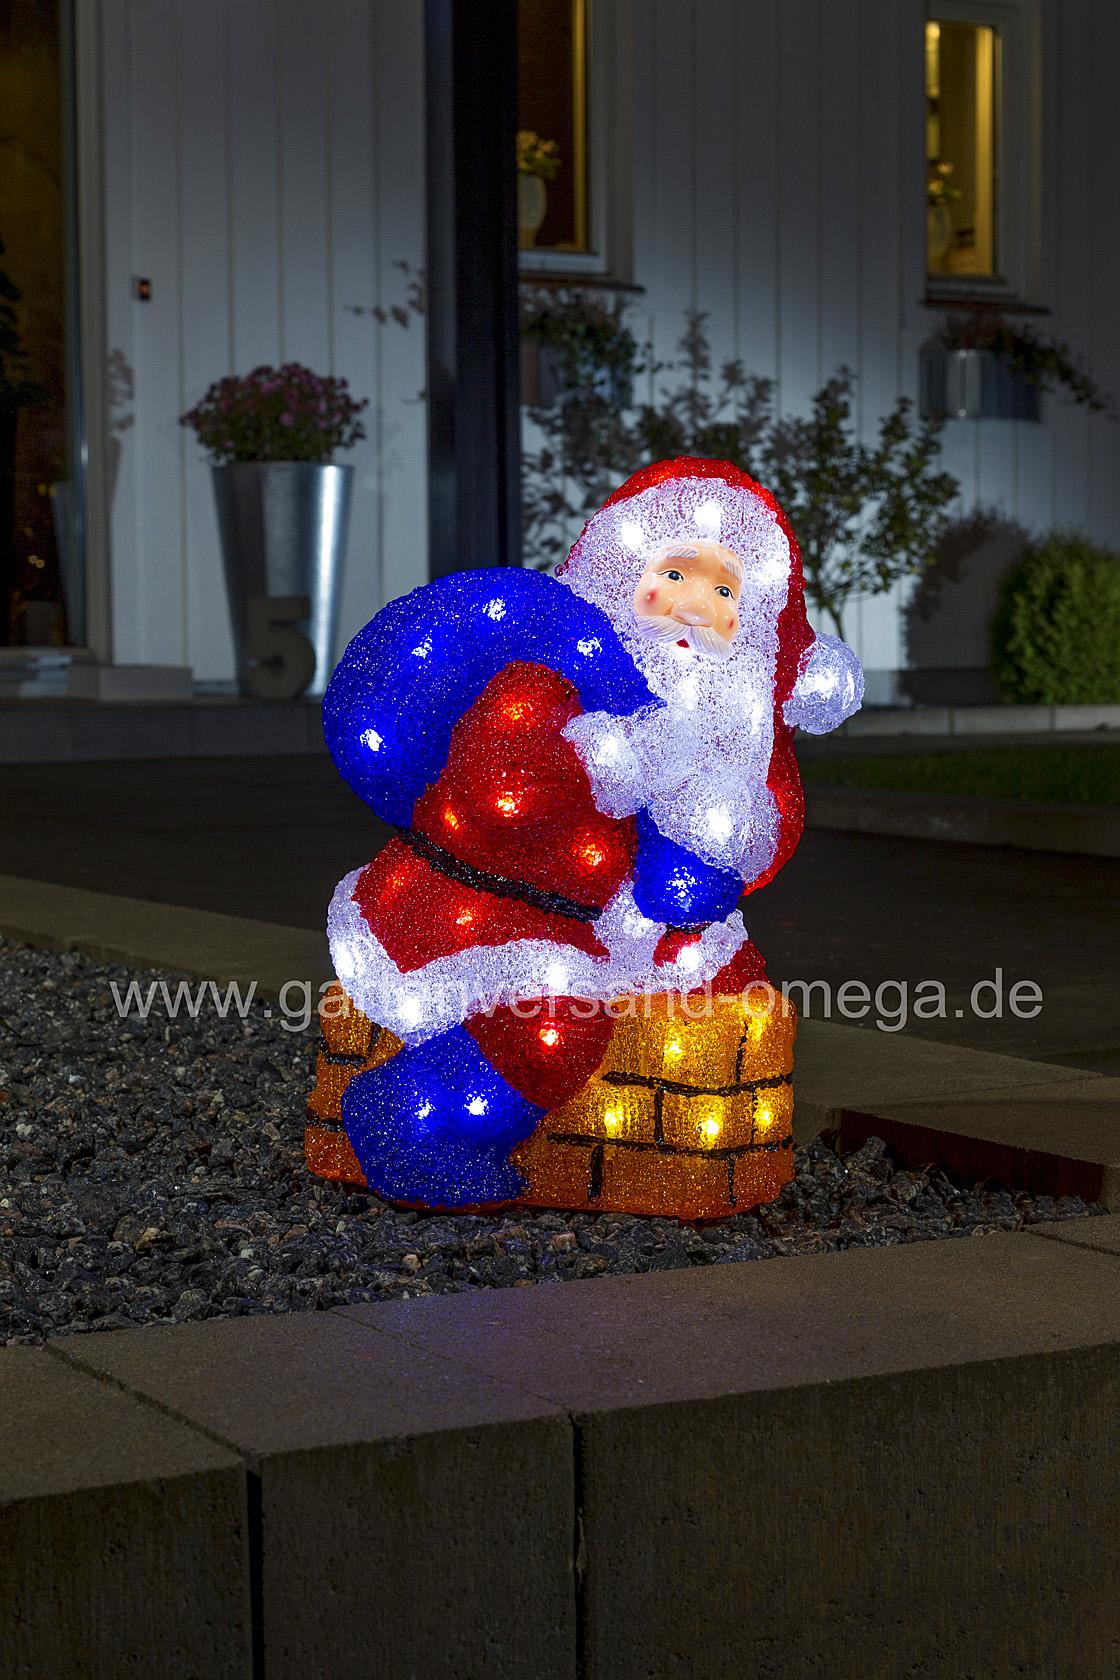 Weihnachtsbeleuchtung Figuren Led.Led Acrylfigur Weihnachtsmann Mit Schornstein